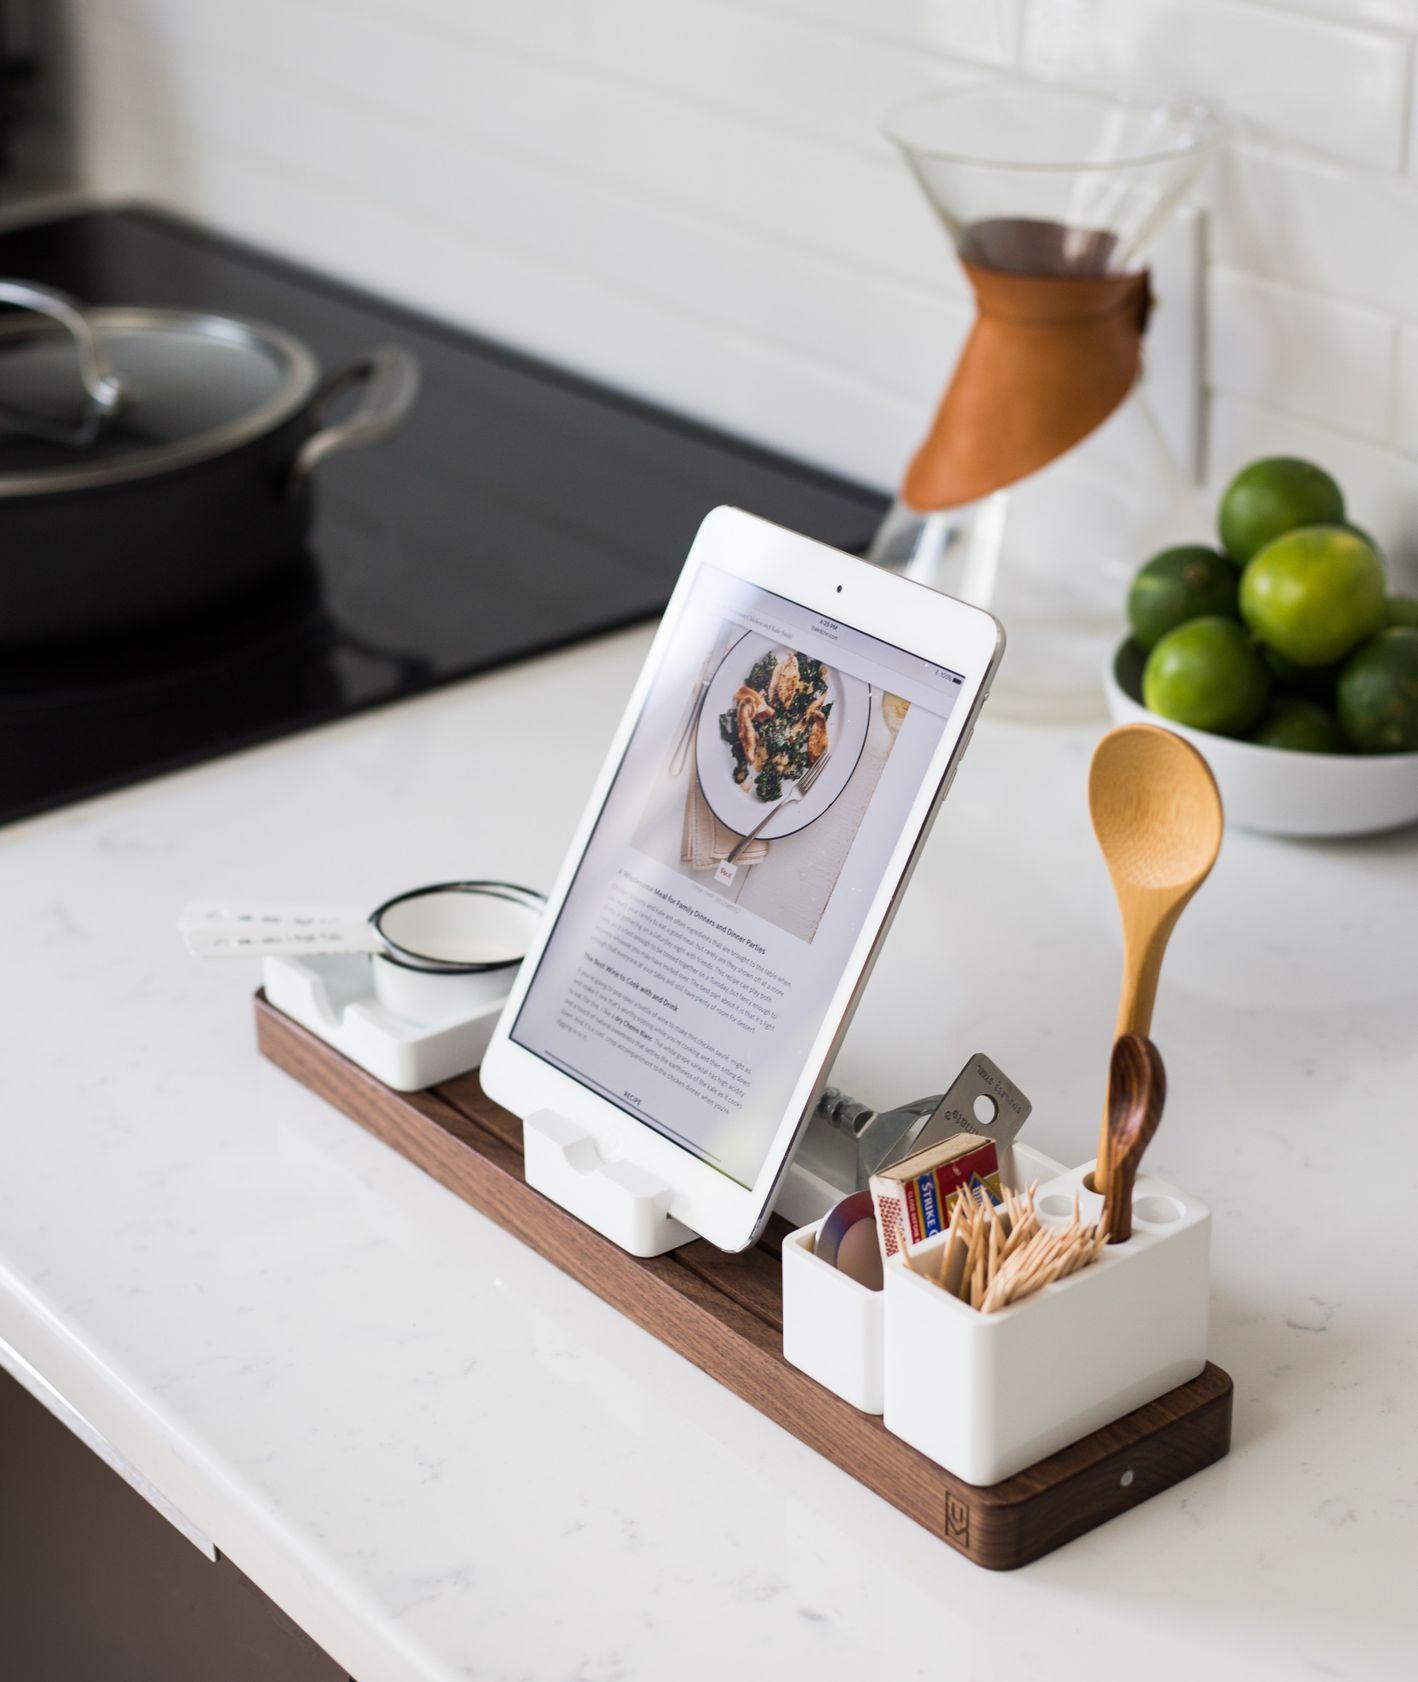 Przepis na obiad na tablecie w kuchni (fot. Jeff Sheldon / unsplash.com)